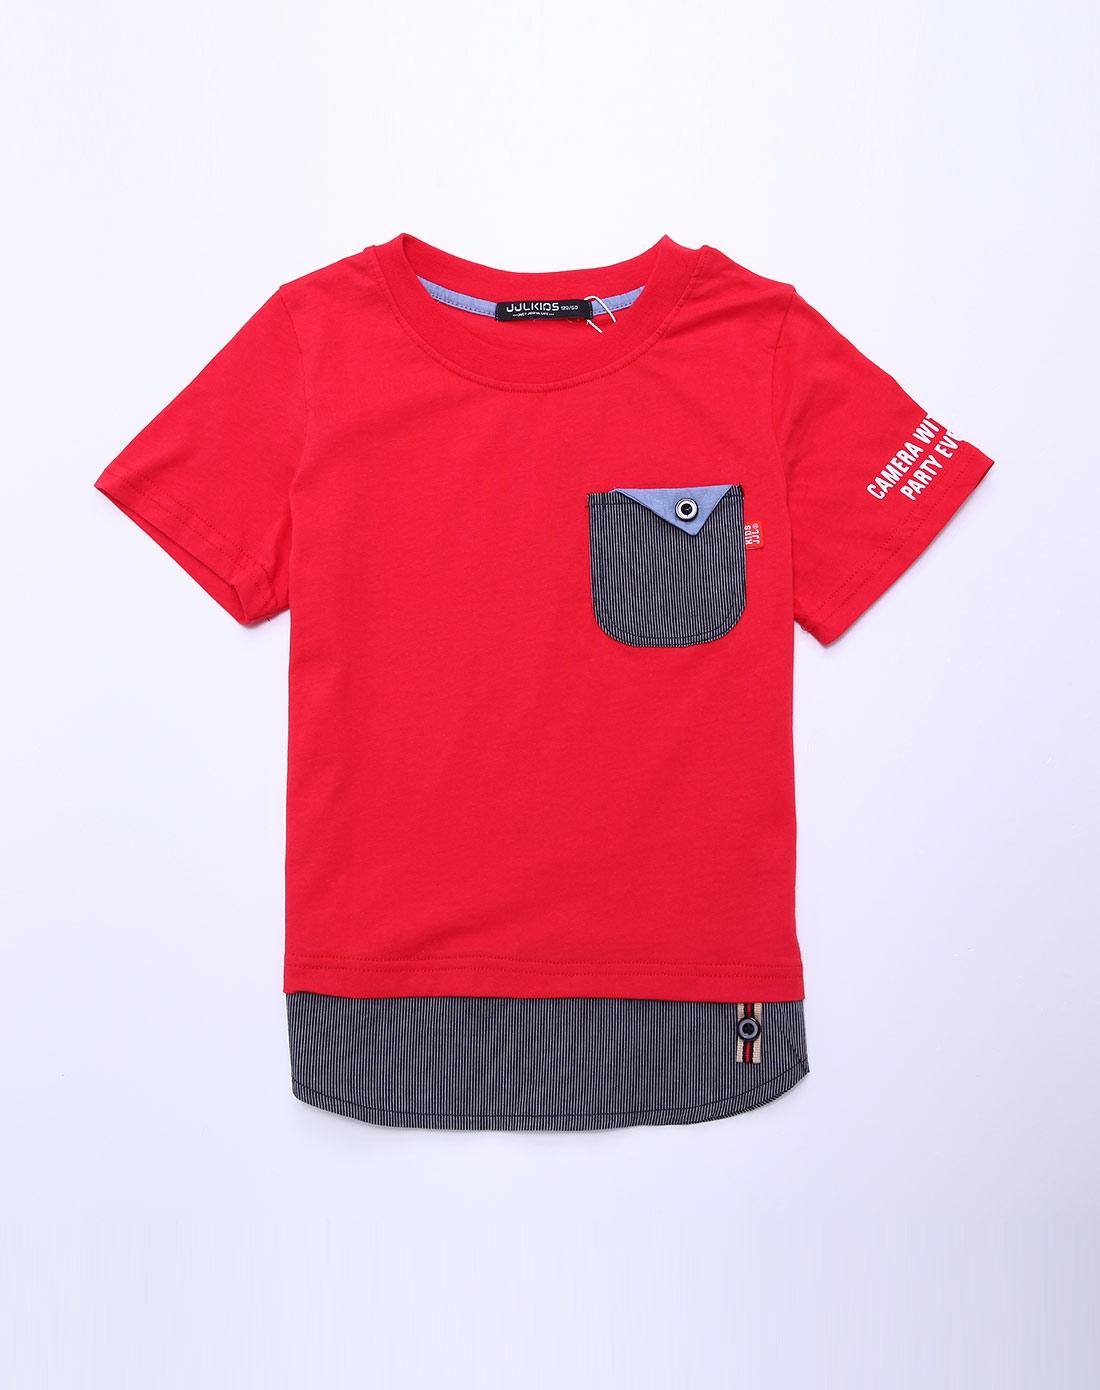 男童大红色t恤